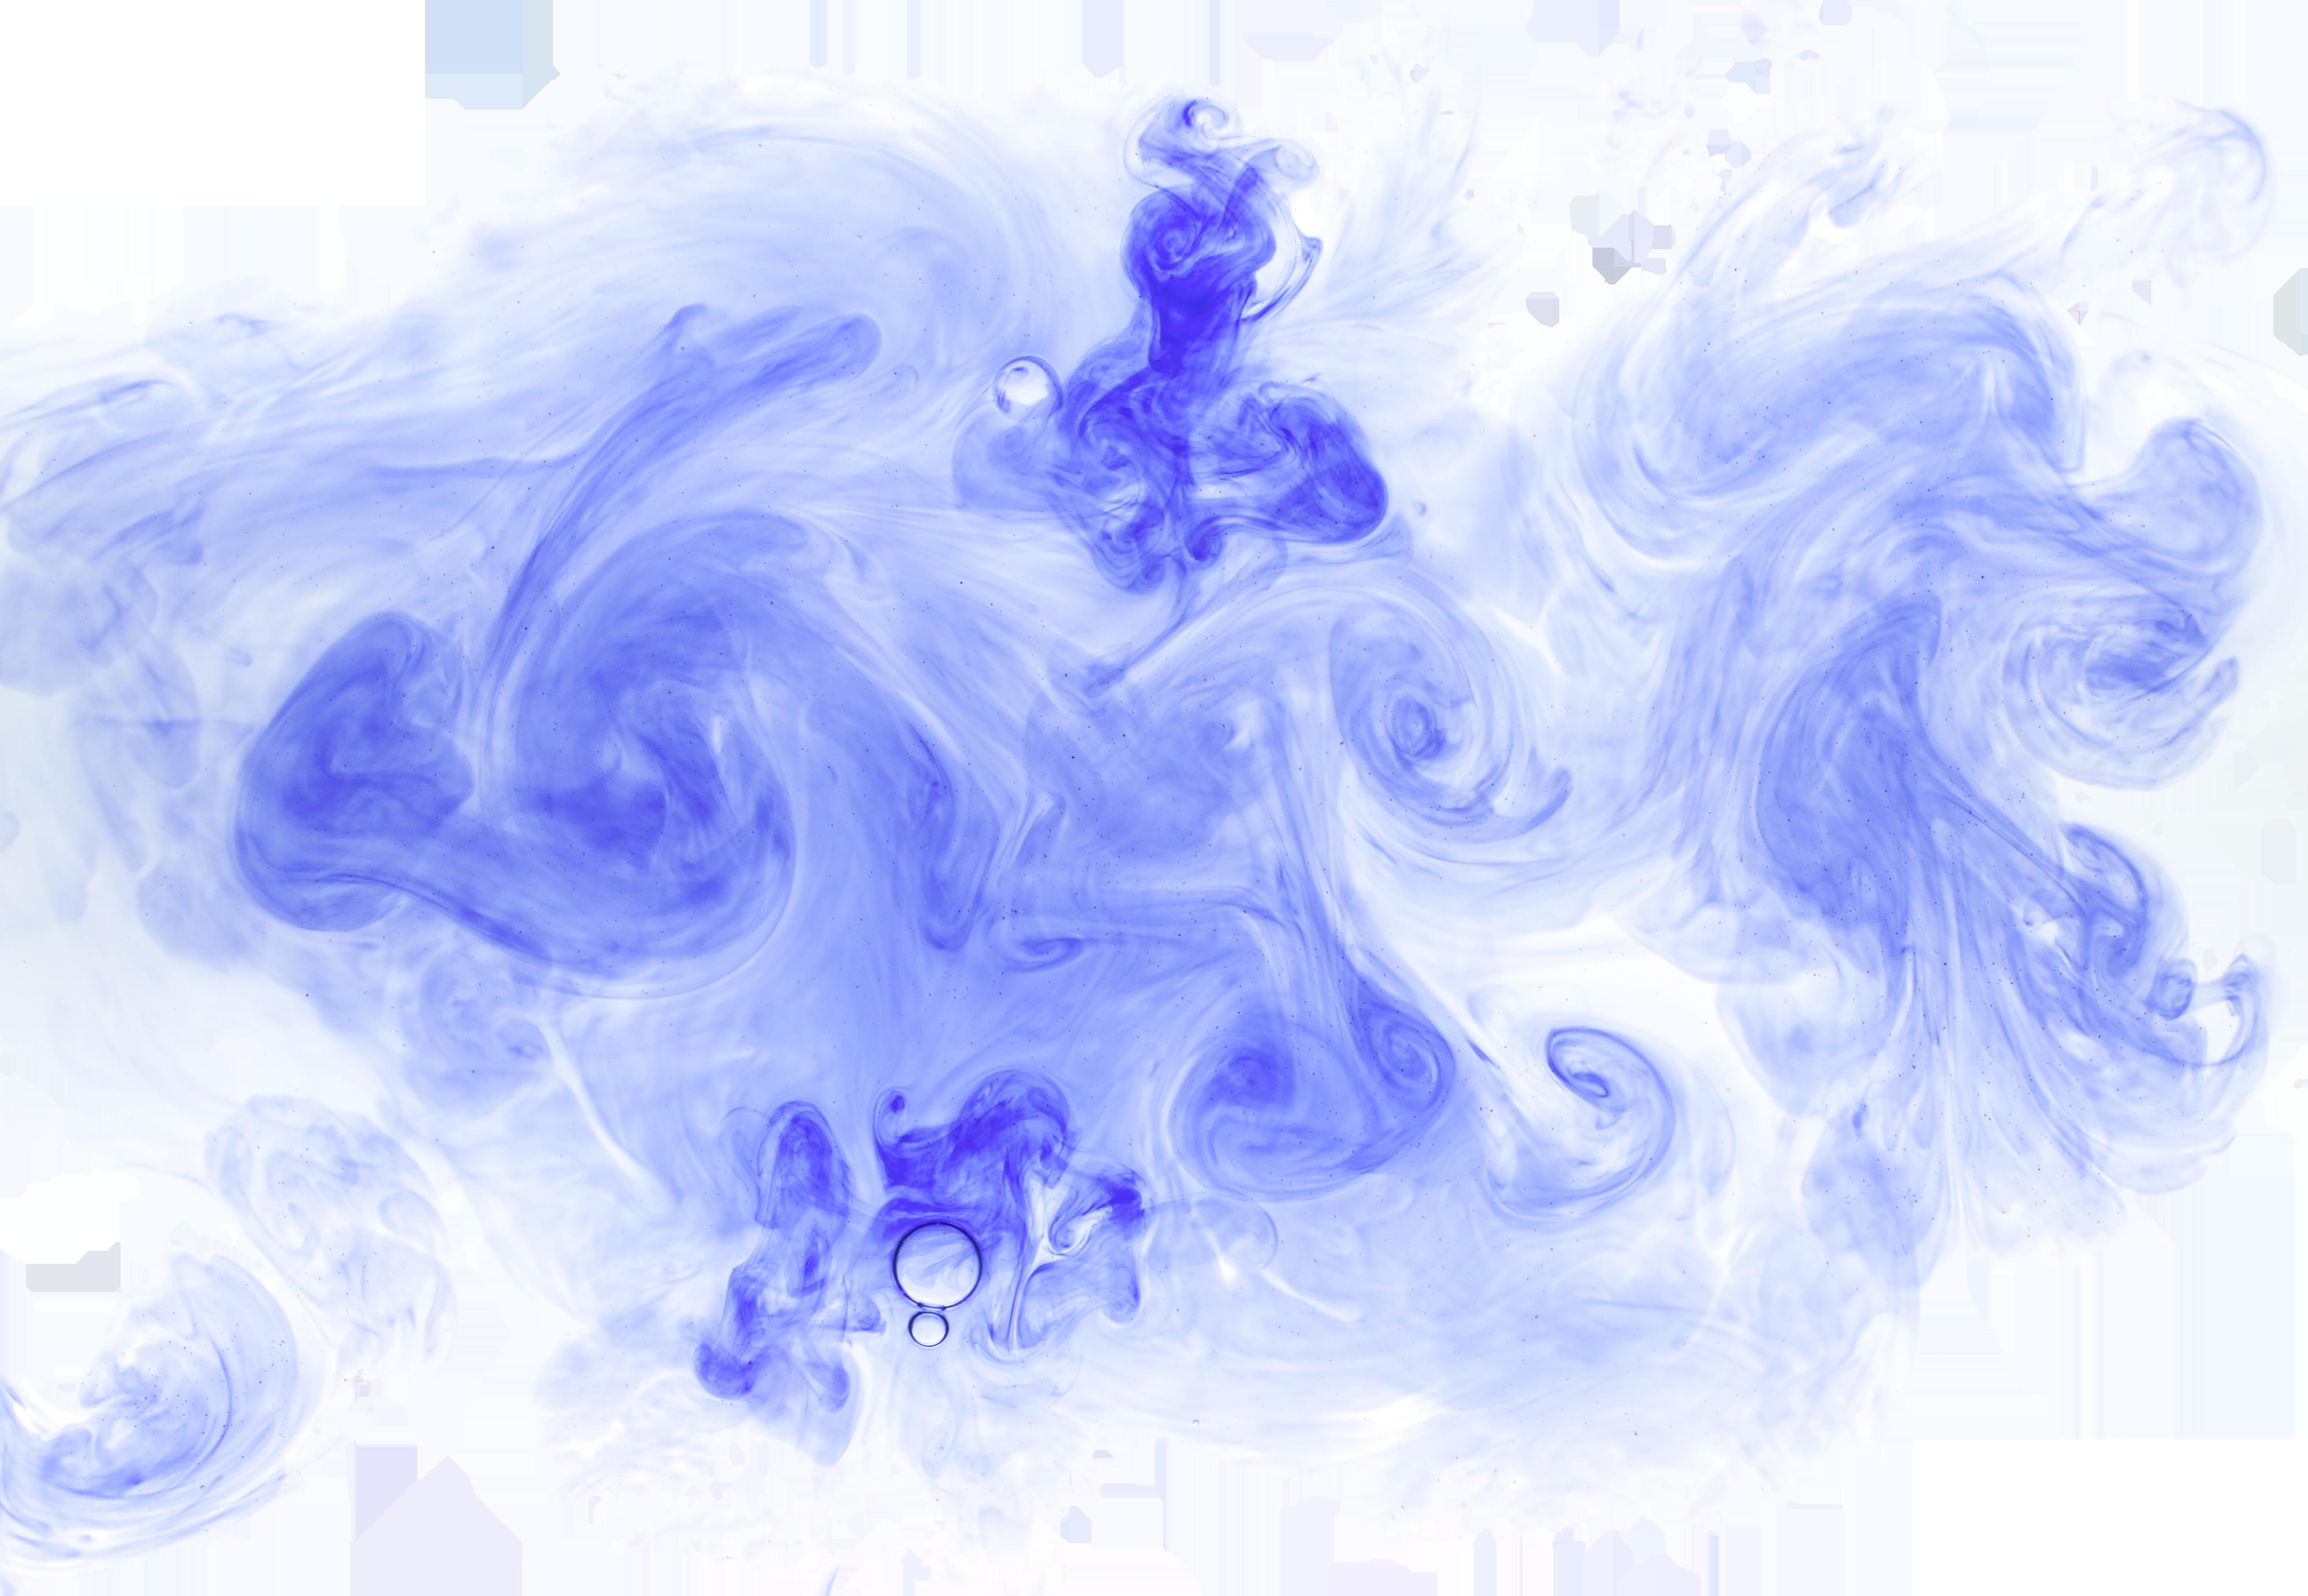 Download Blue Smoke Png Transparent - Color Fog Png - HD ...